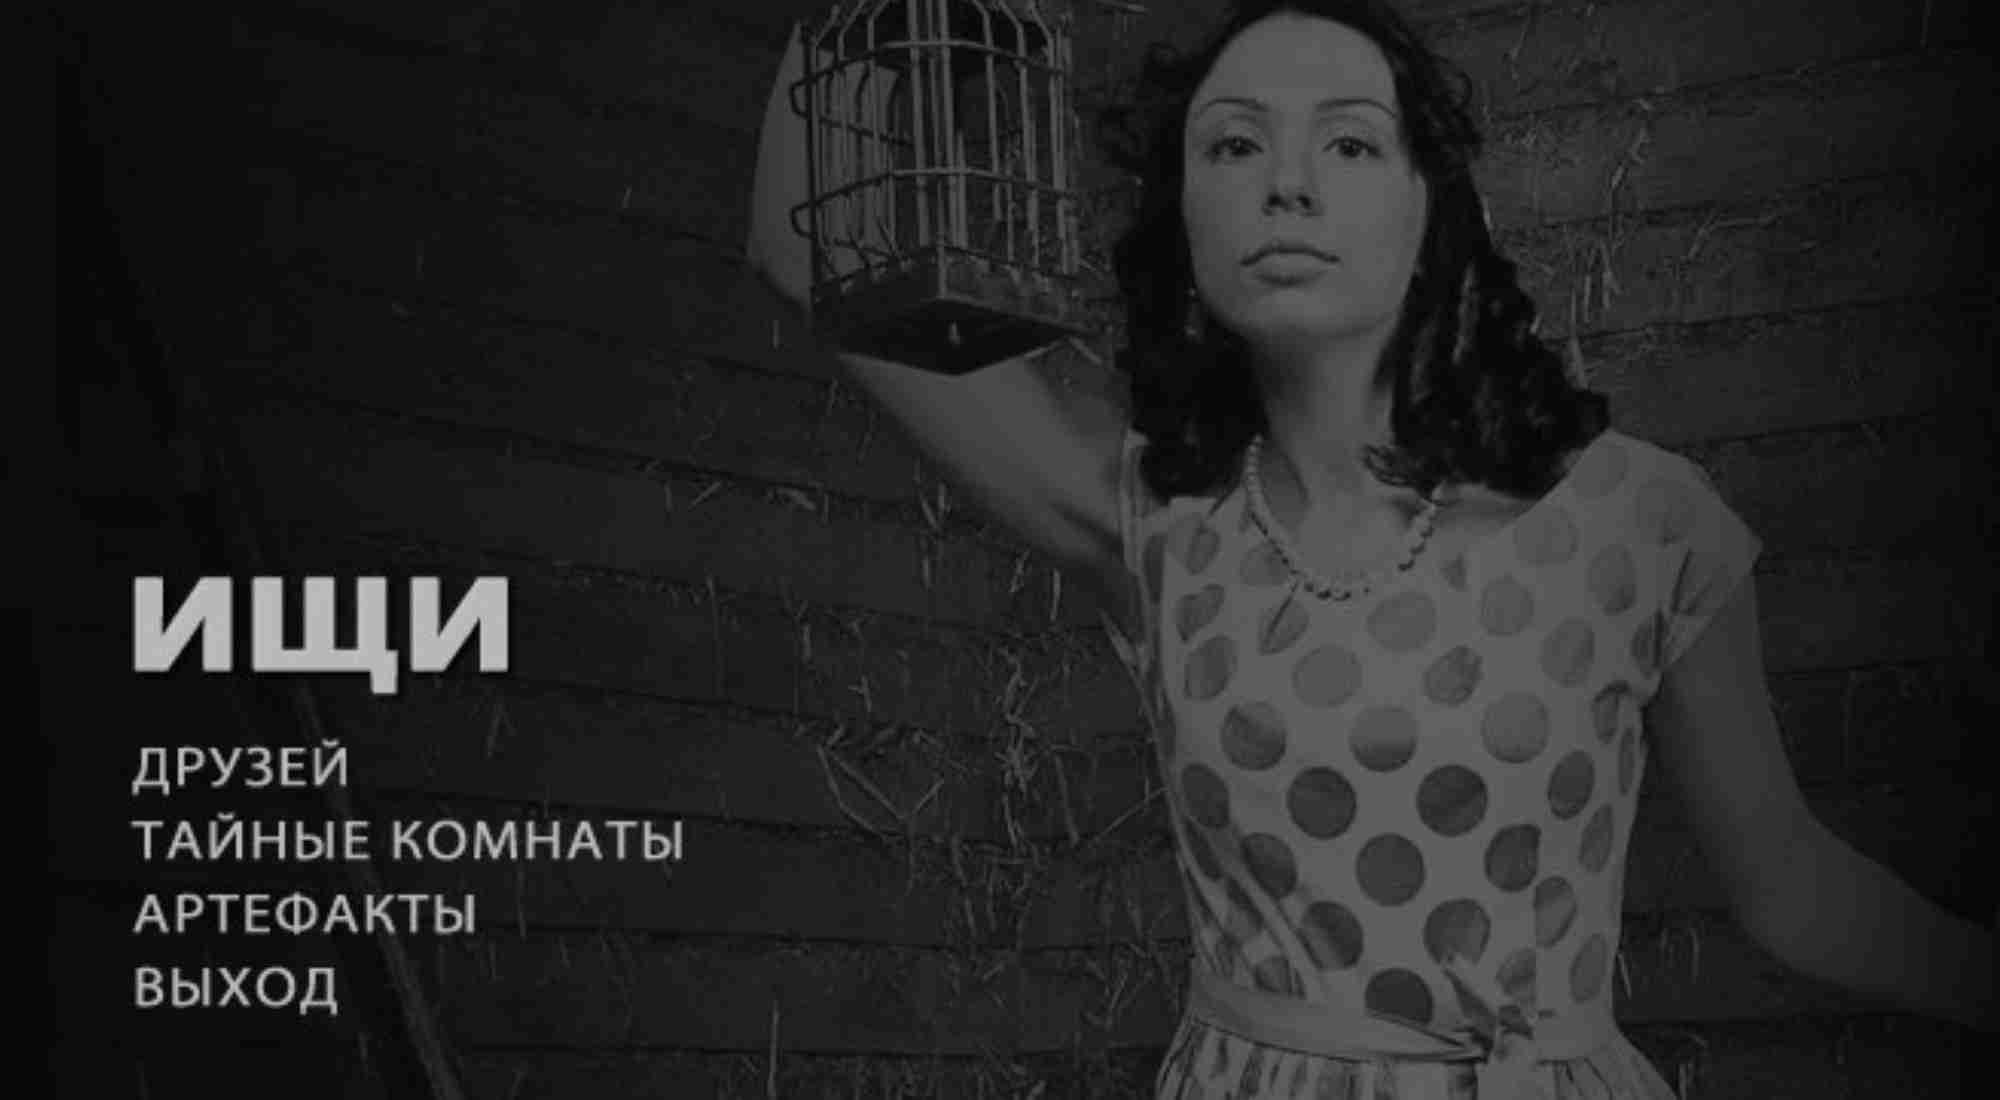 Квест Прятки в темноте Get Event Москва